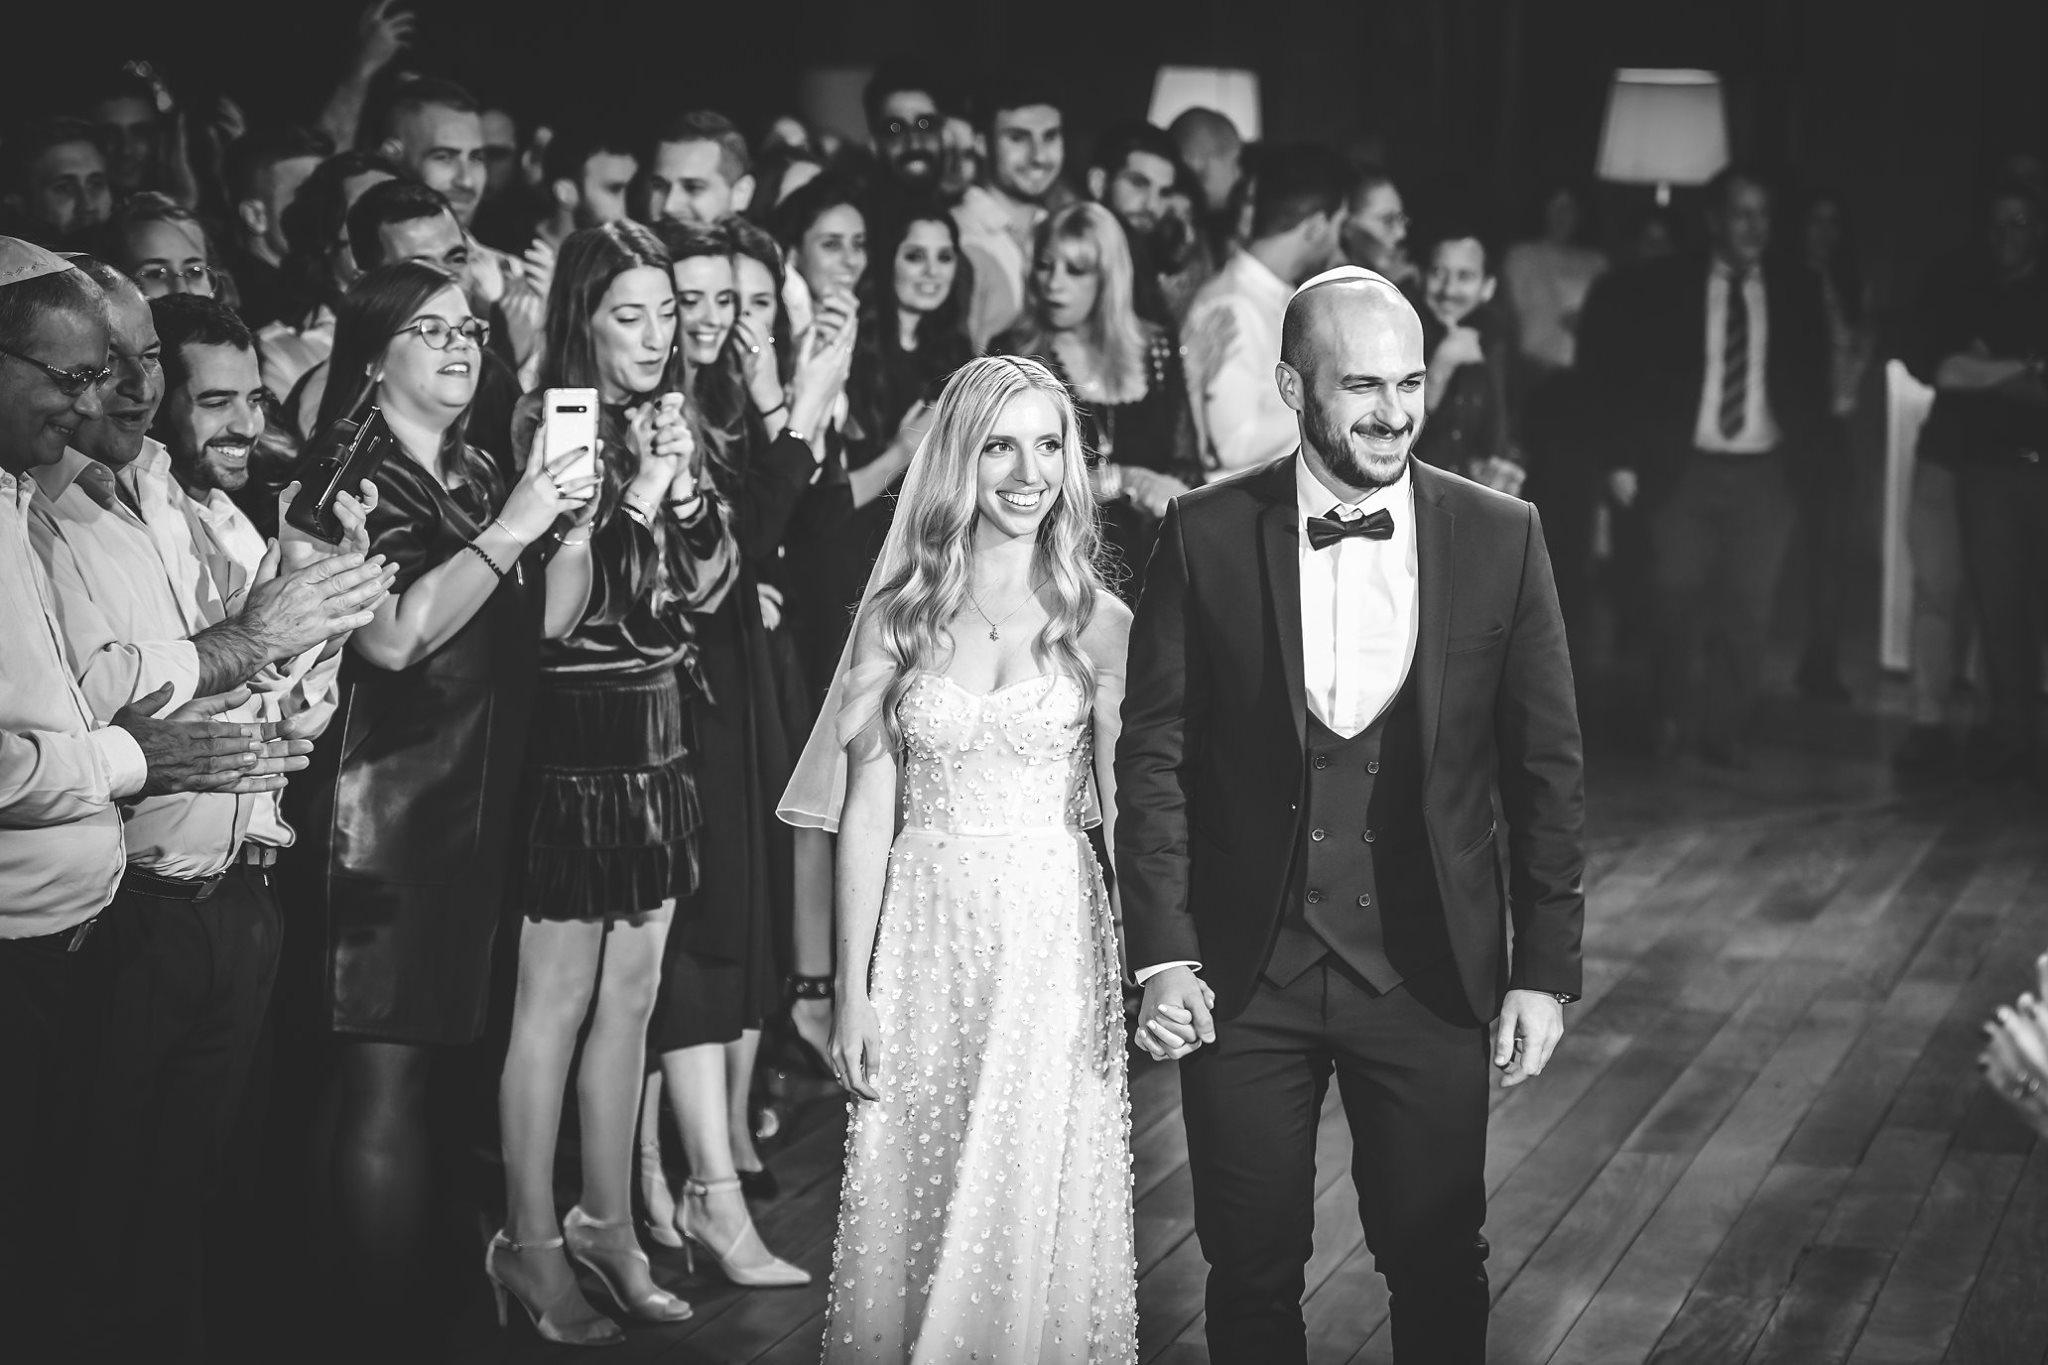 המציגים ביריד החתונות הגדול של השנה - חלק ב